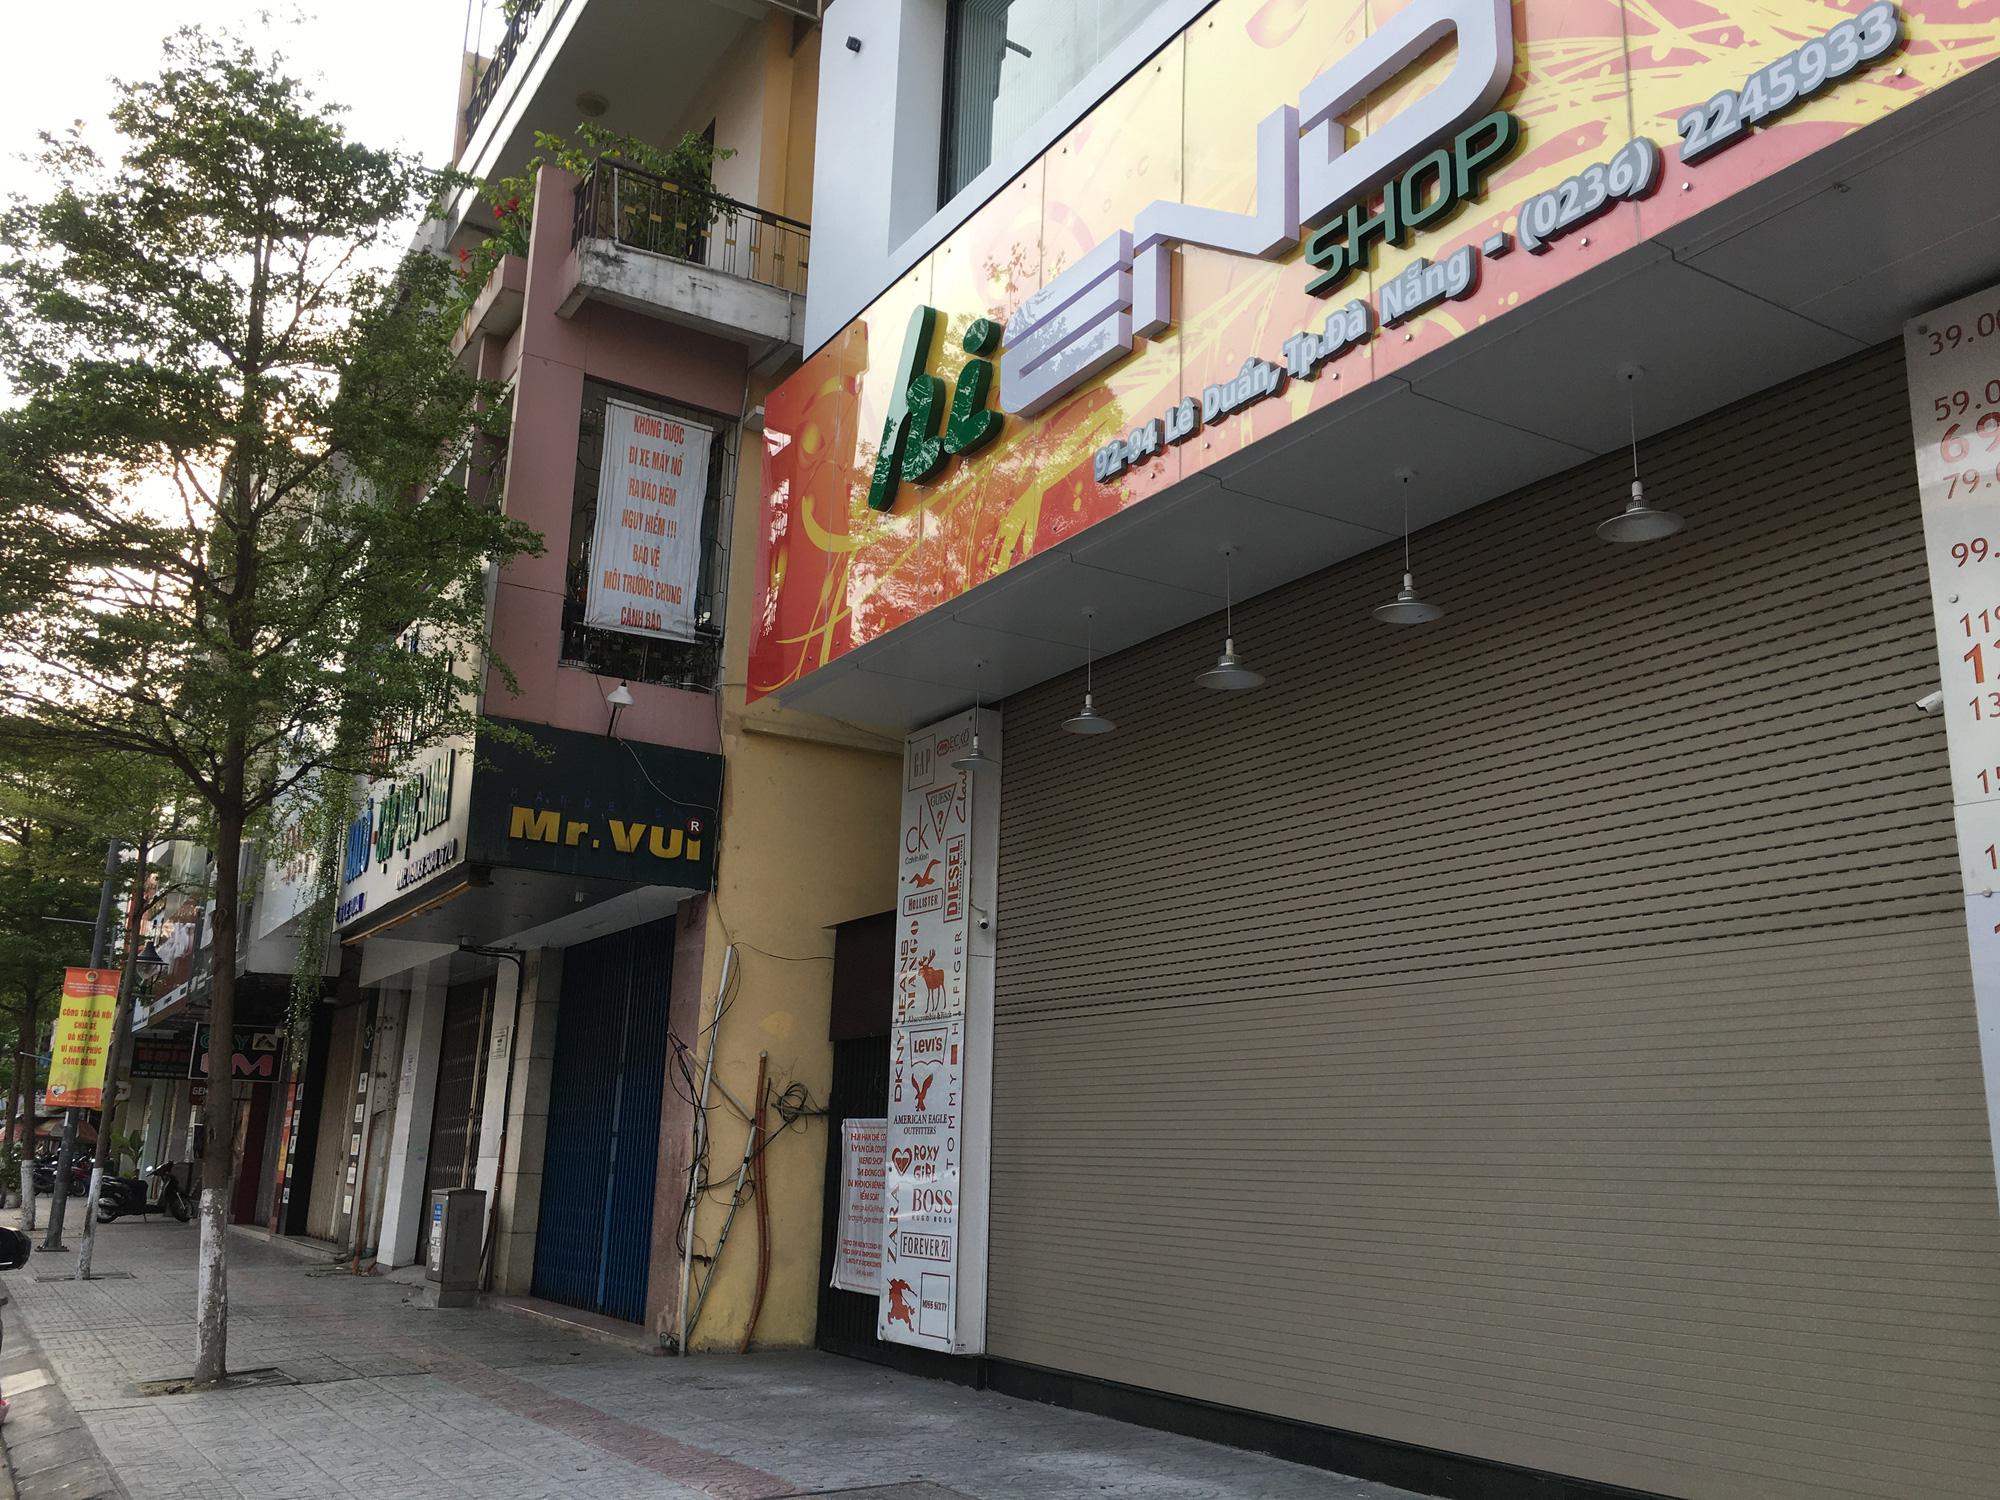 Khách sạn, công trình xây dựng ven biển, các hãng thời trang lớn ở Đà Nẵng đóng cửa hàng loạt trước ngày 'cách li toàn xã hội' - Ảnh 4.